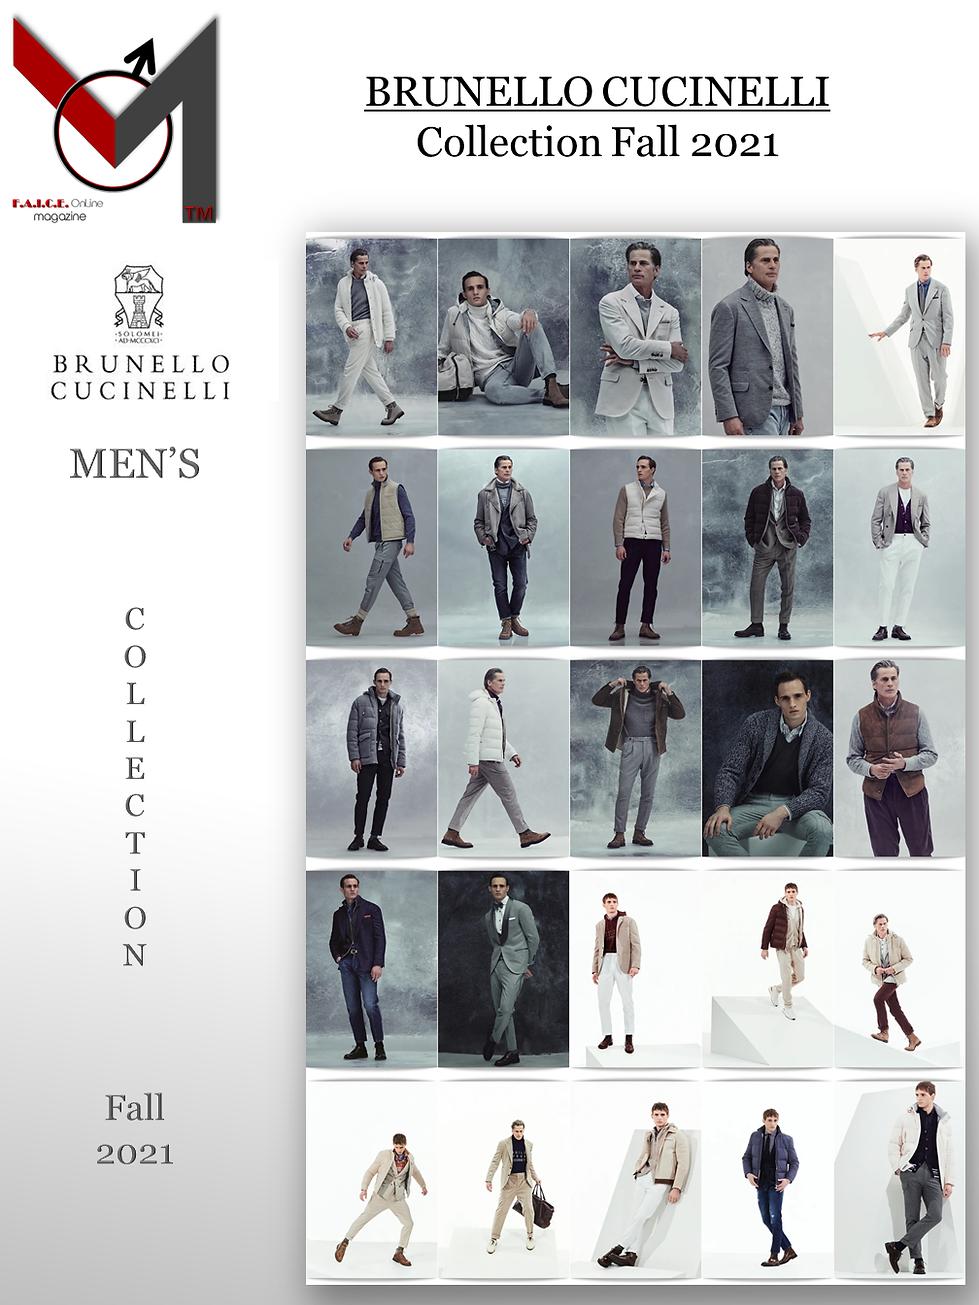 BRUNELLO CUCINELLI-Fall 2021